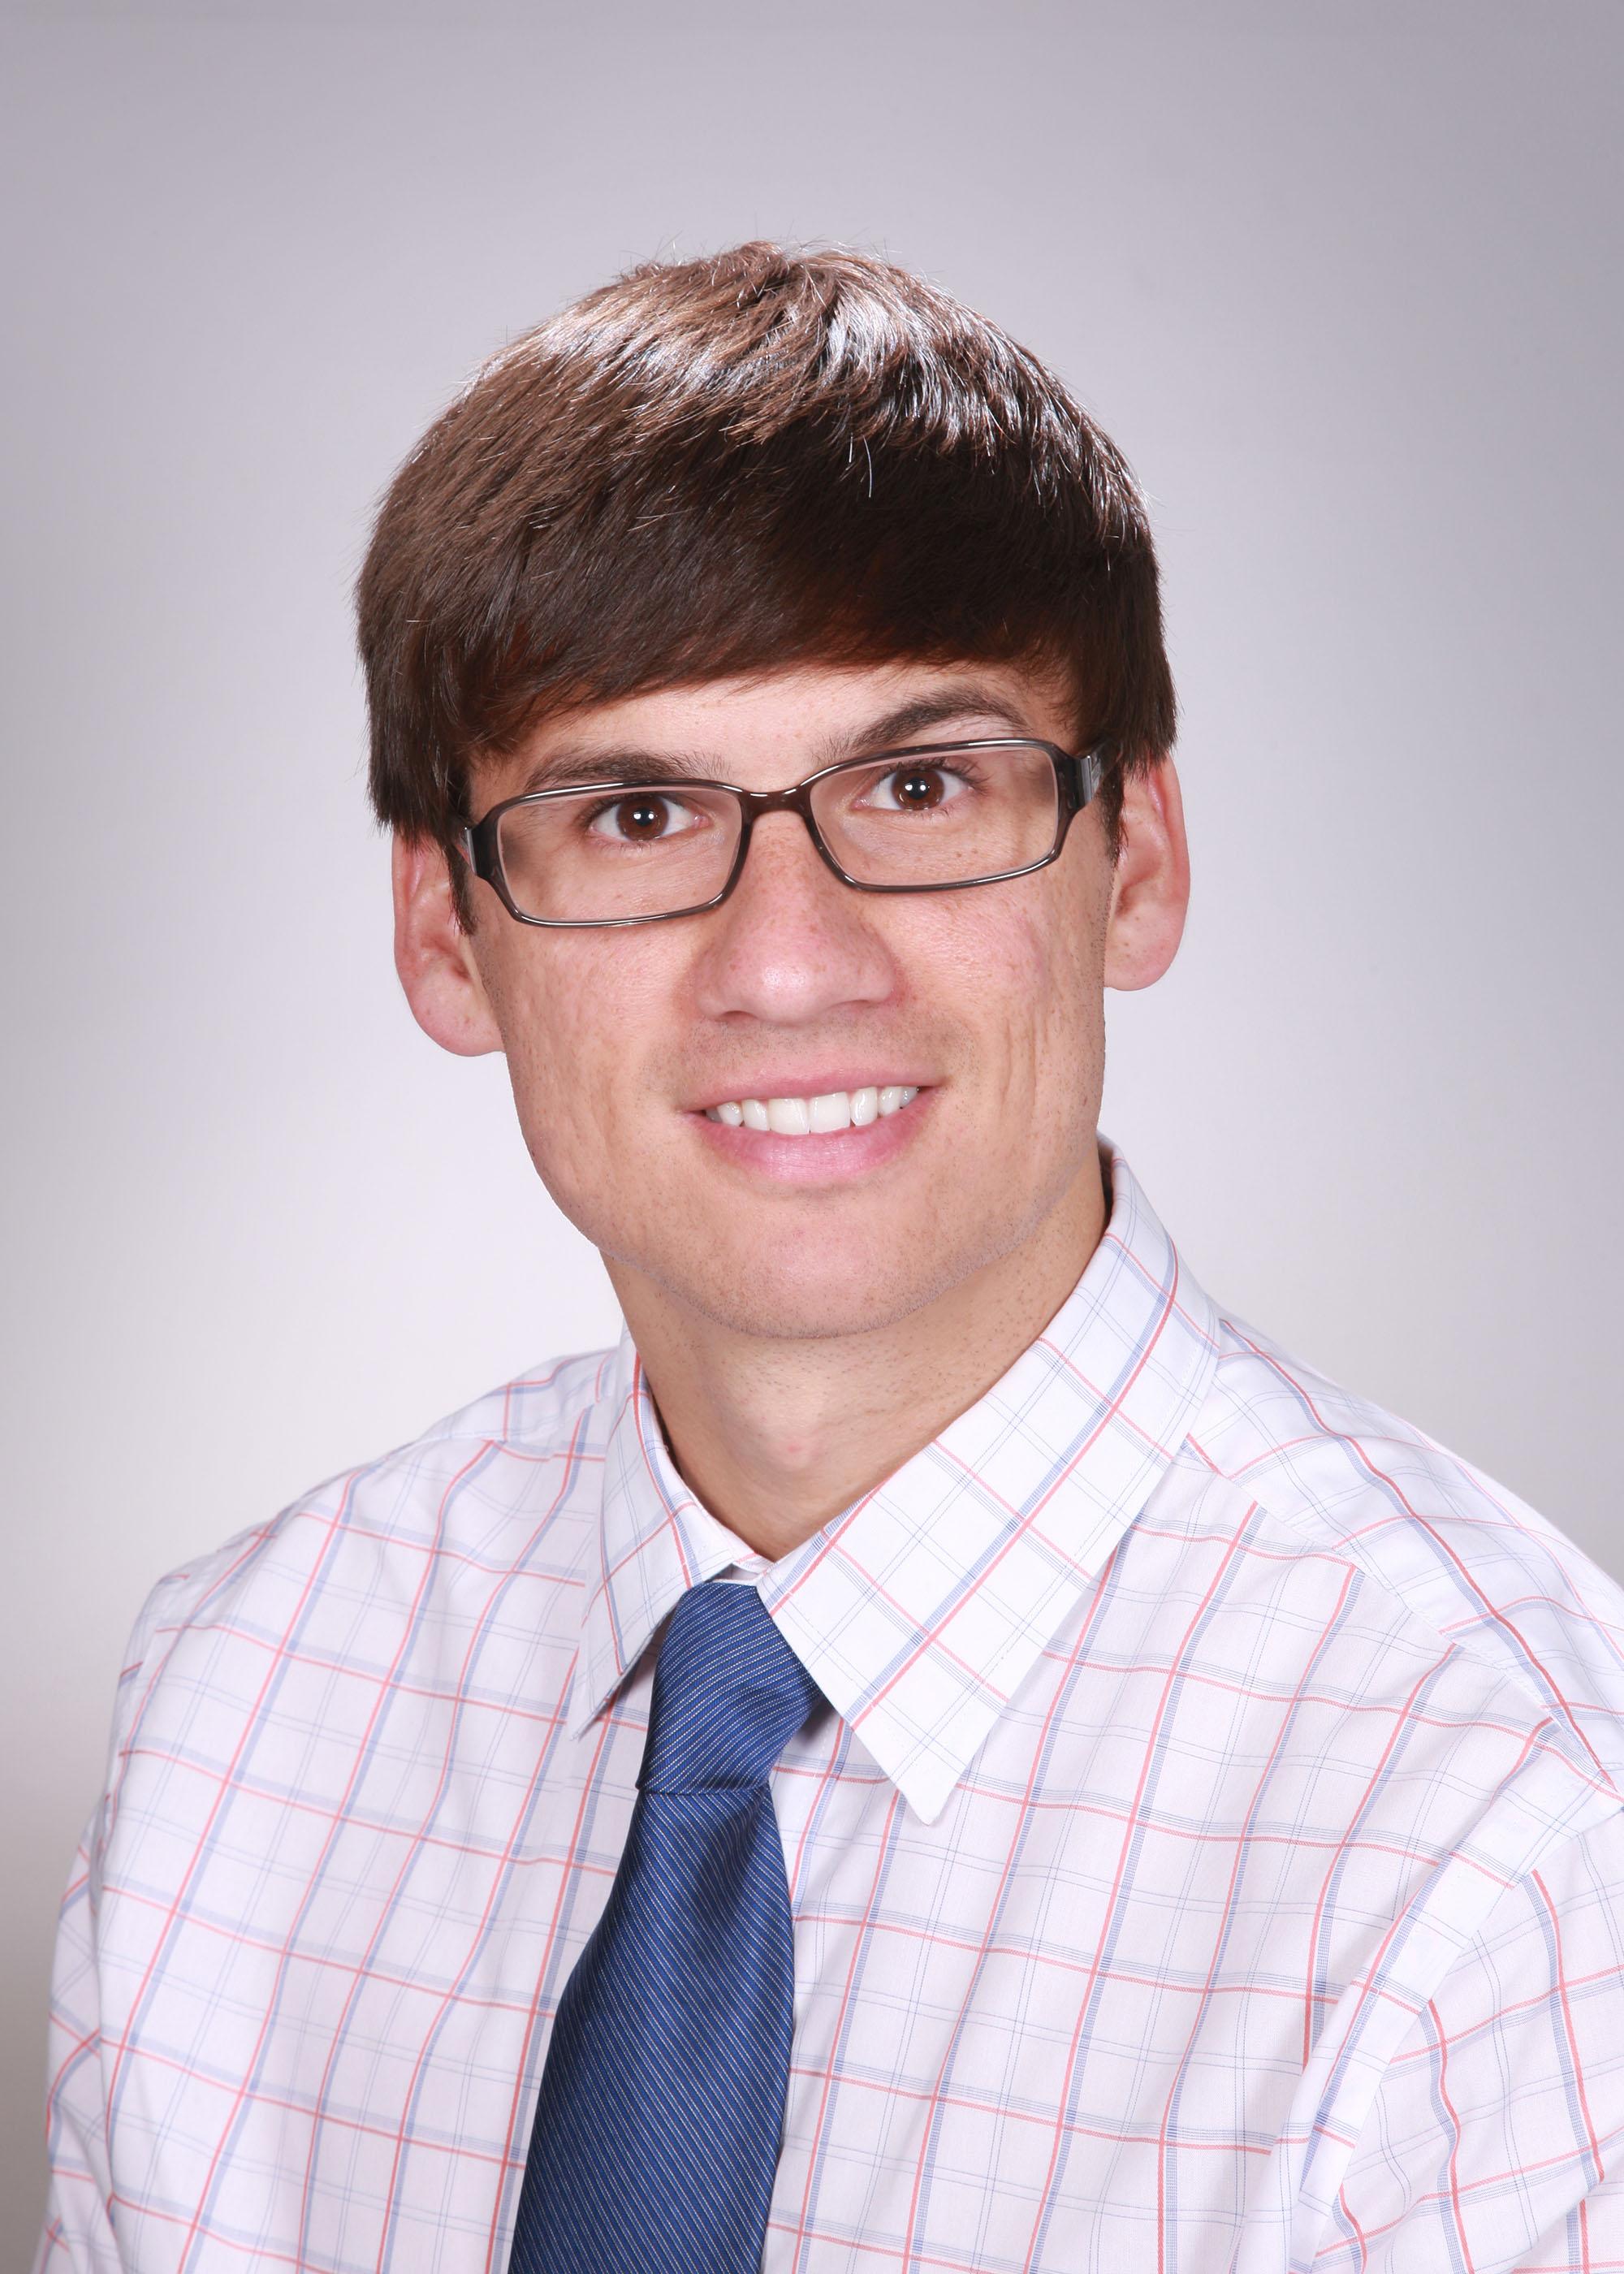 Dr. Daniel Heine